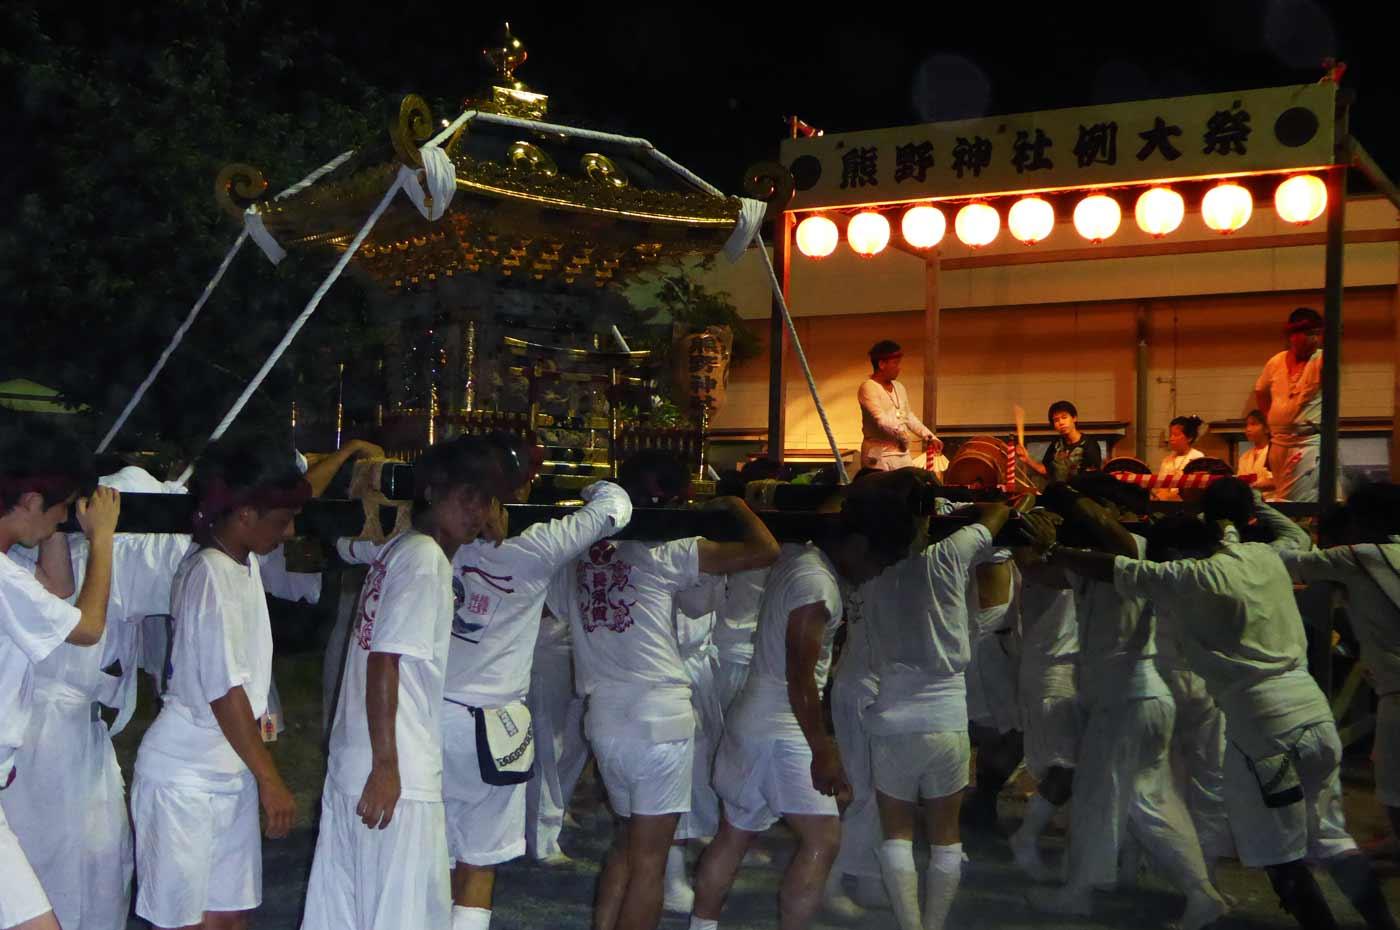 長須賀熊野神社の神輿